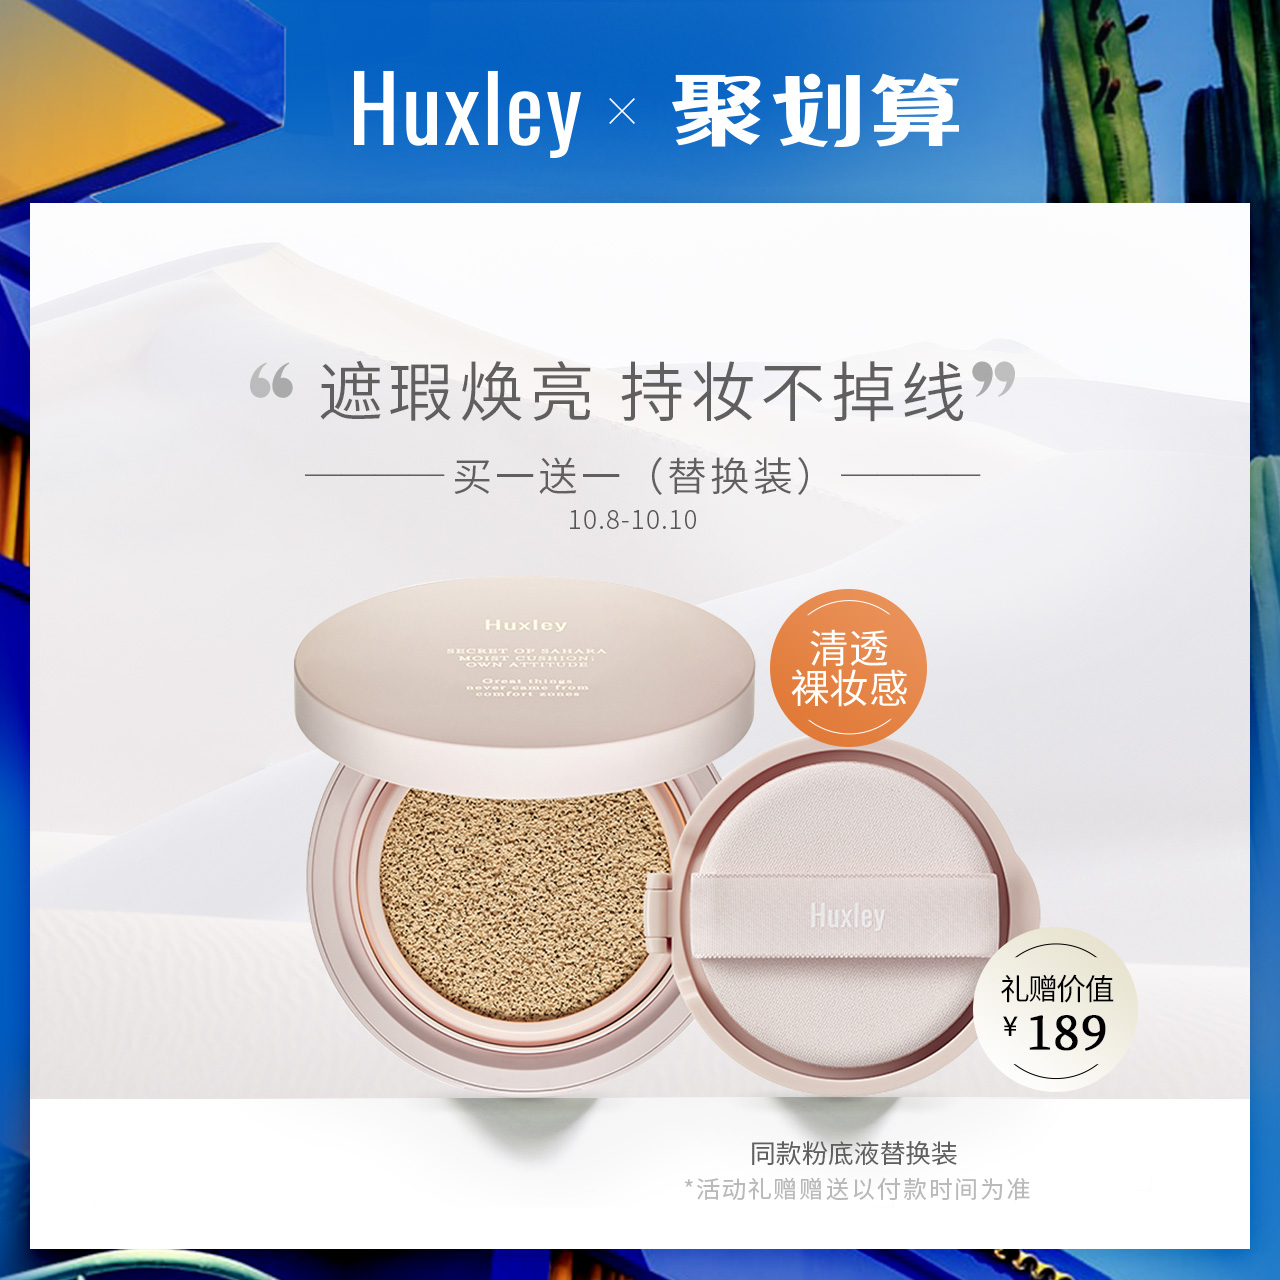 Huxley仙人掌臻白保湿气垫粉底液12gSPF24++轻薄服帖自然饰色遮瑕热销20件限时2件3折